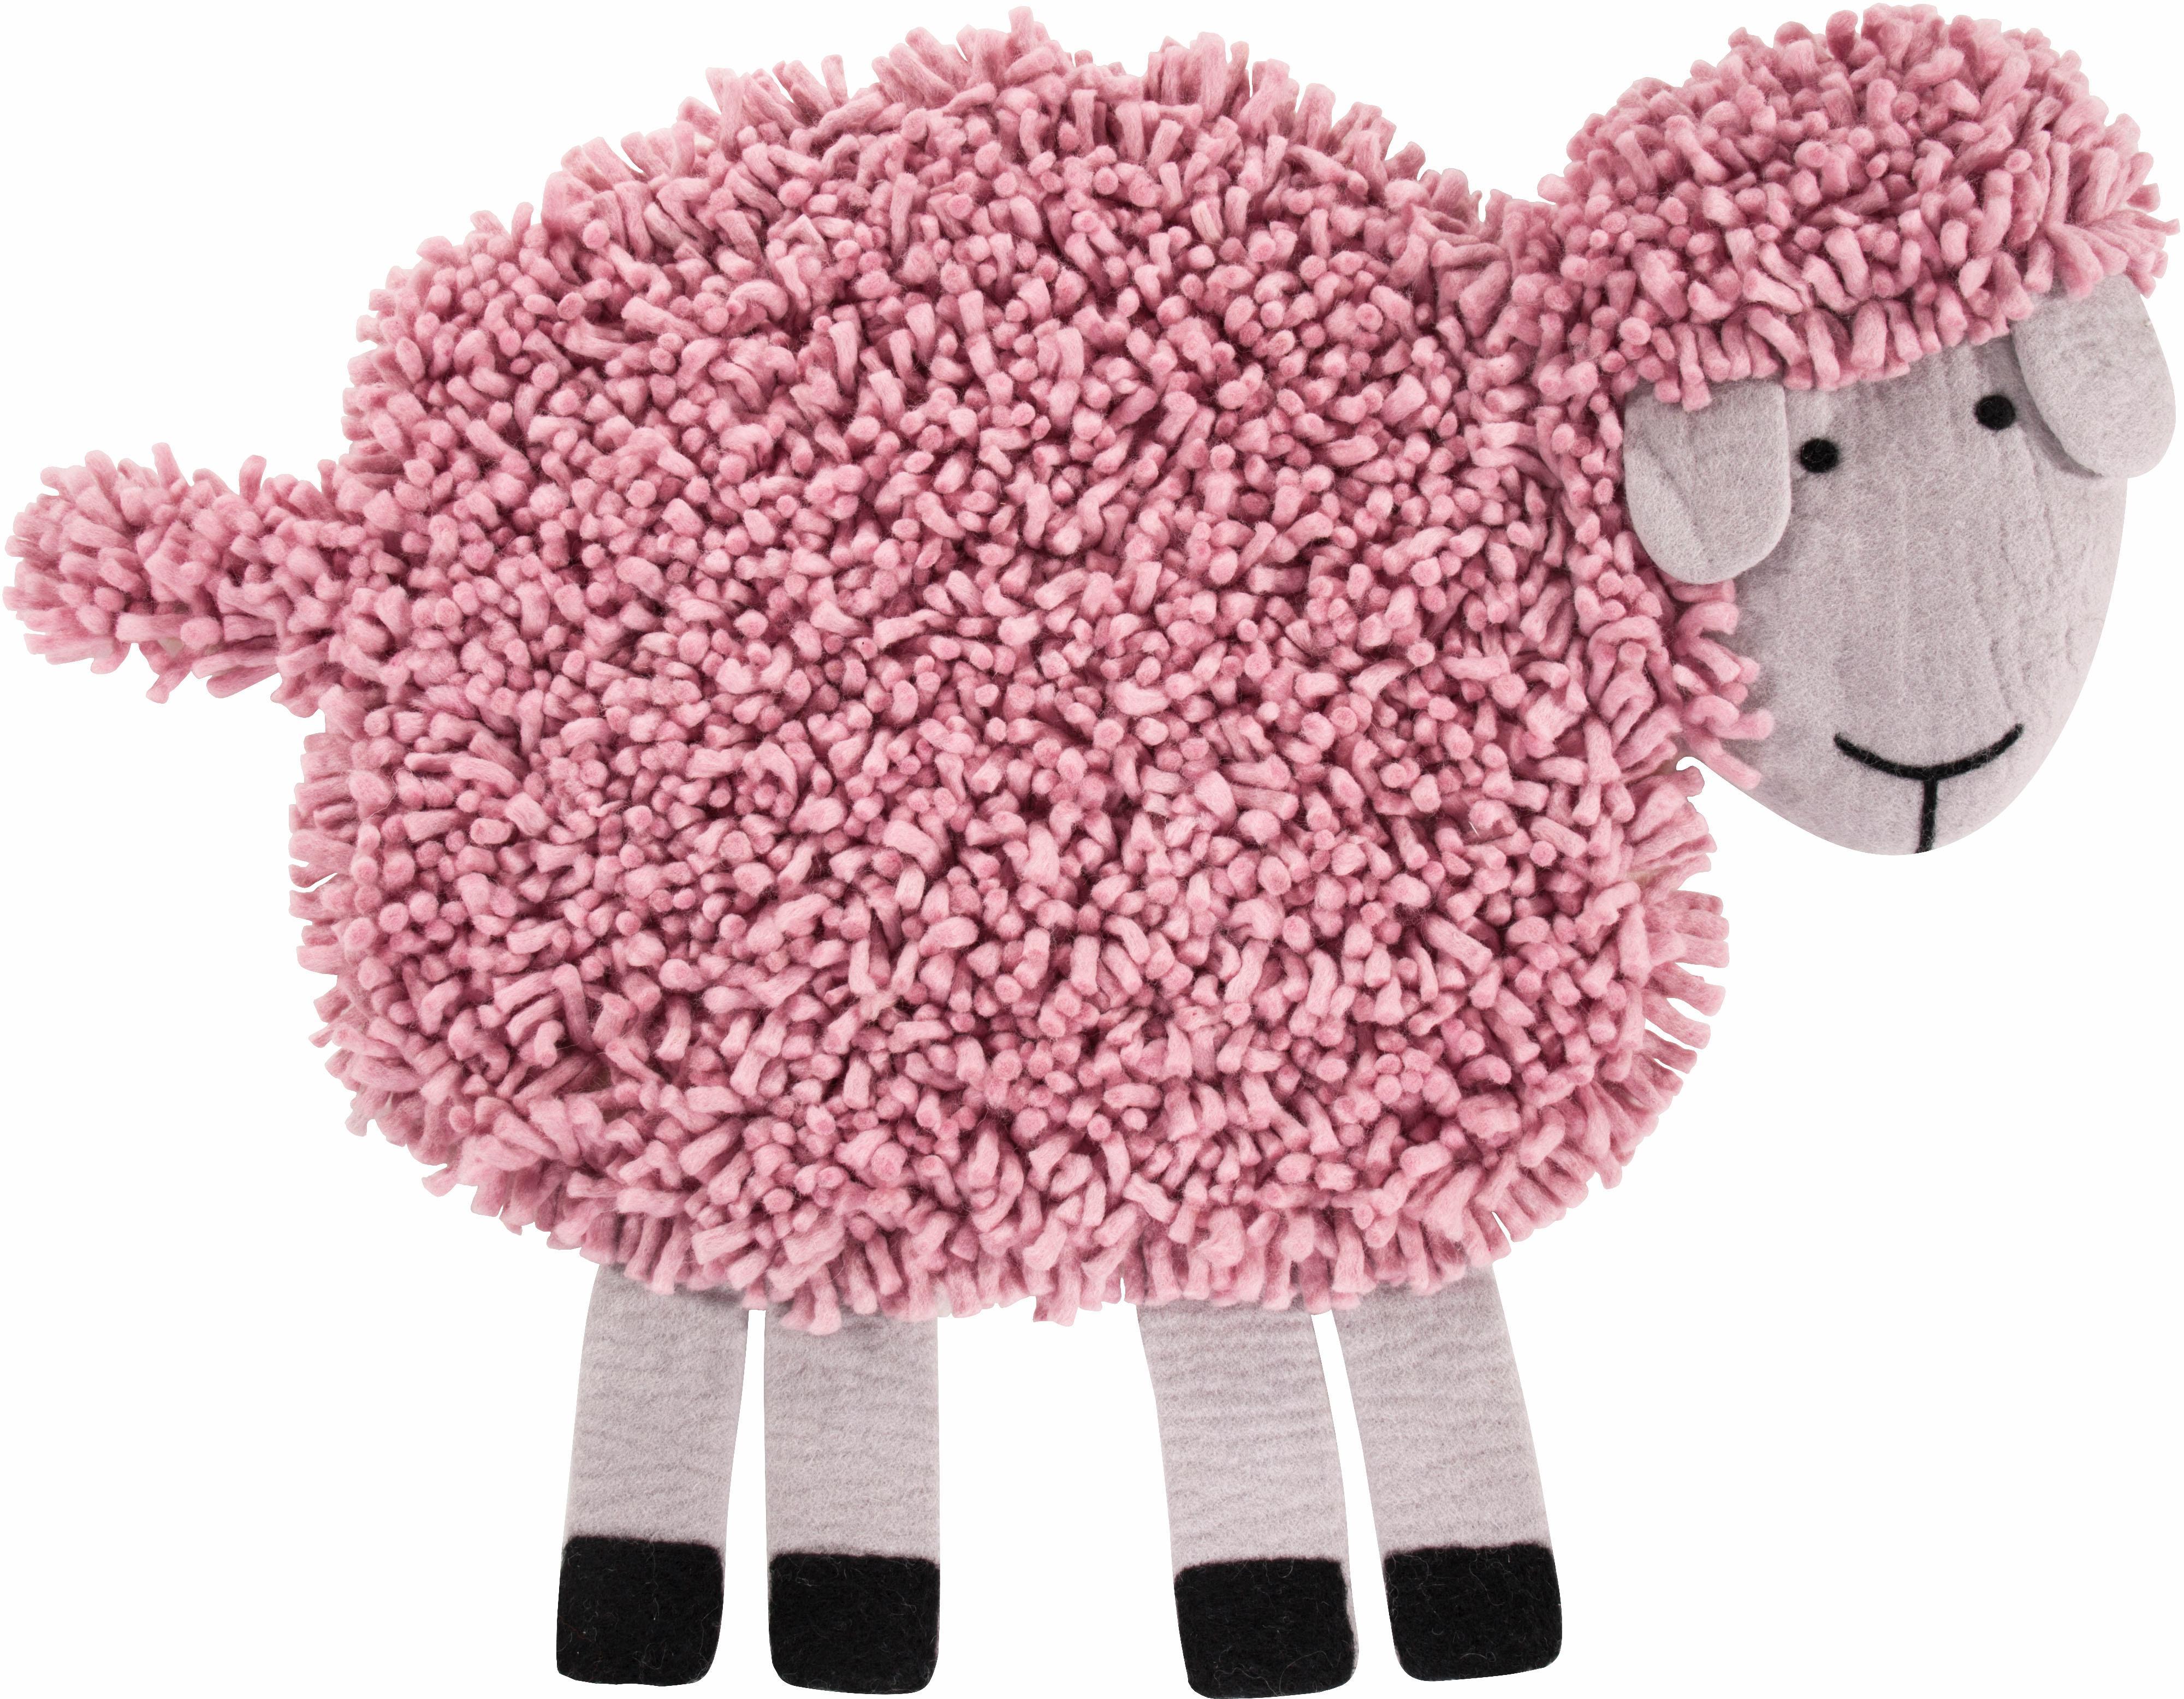 Kinderteppich Schaf Emma LUXOR living rechteckig Höhe 30 mm manuell geknüpft